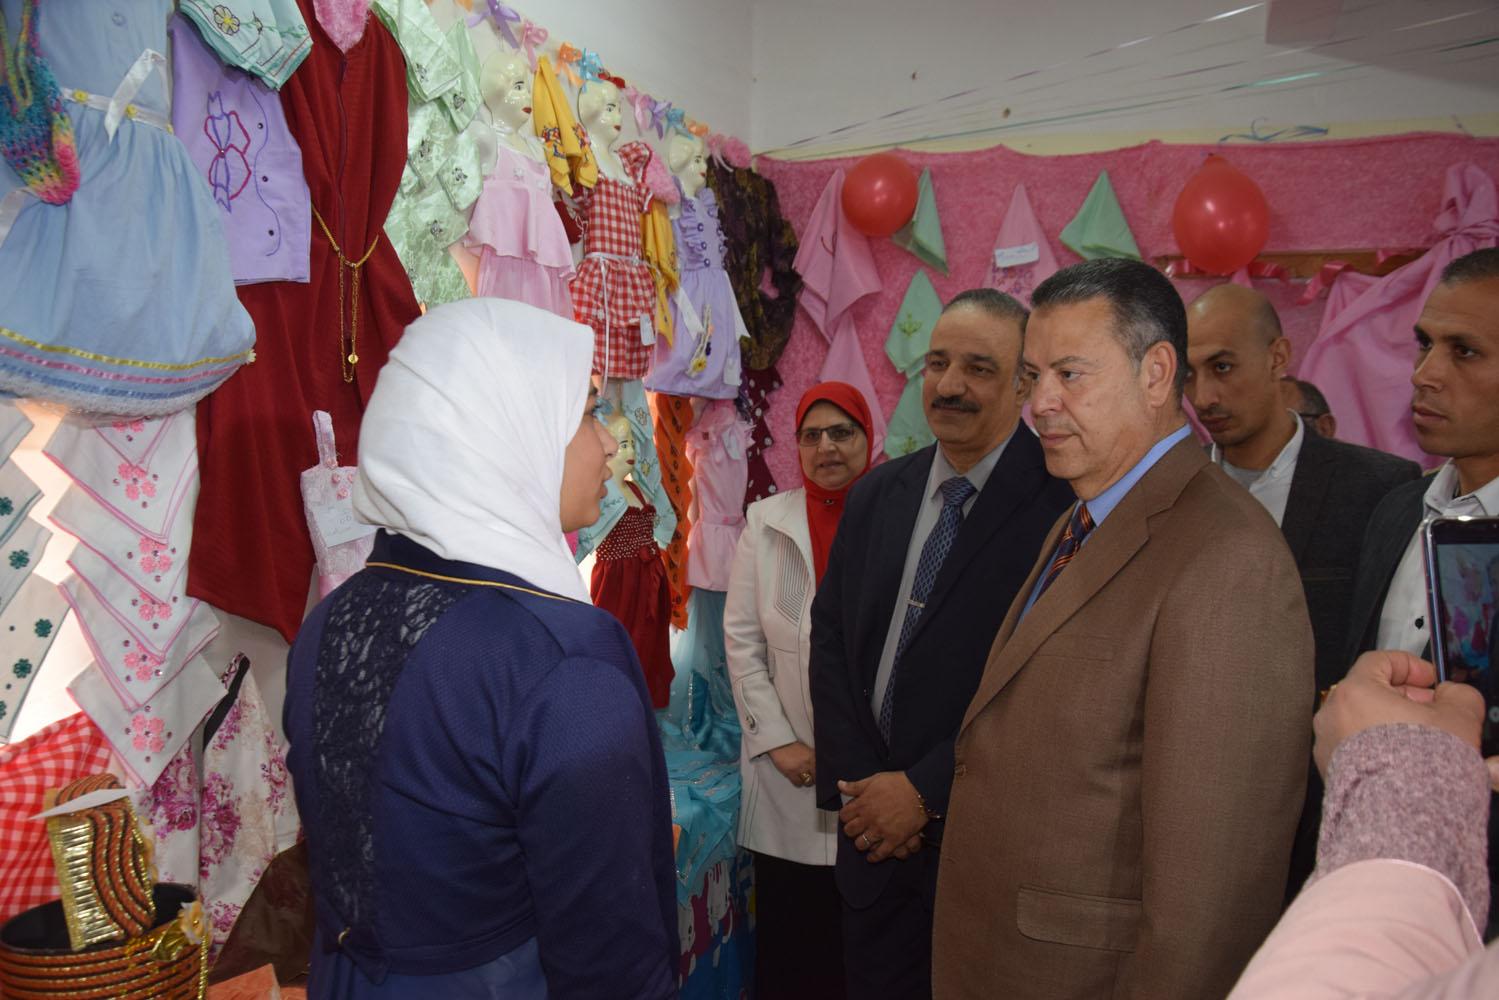 محافظ بنى سويف يفتتح معرض منتجات التعليم الفنى بمدرسة الفنية بنات (6)